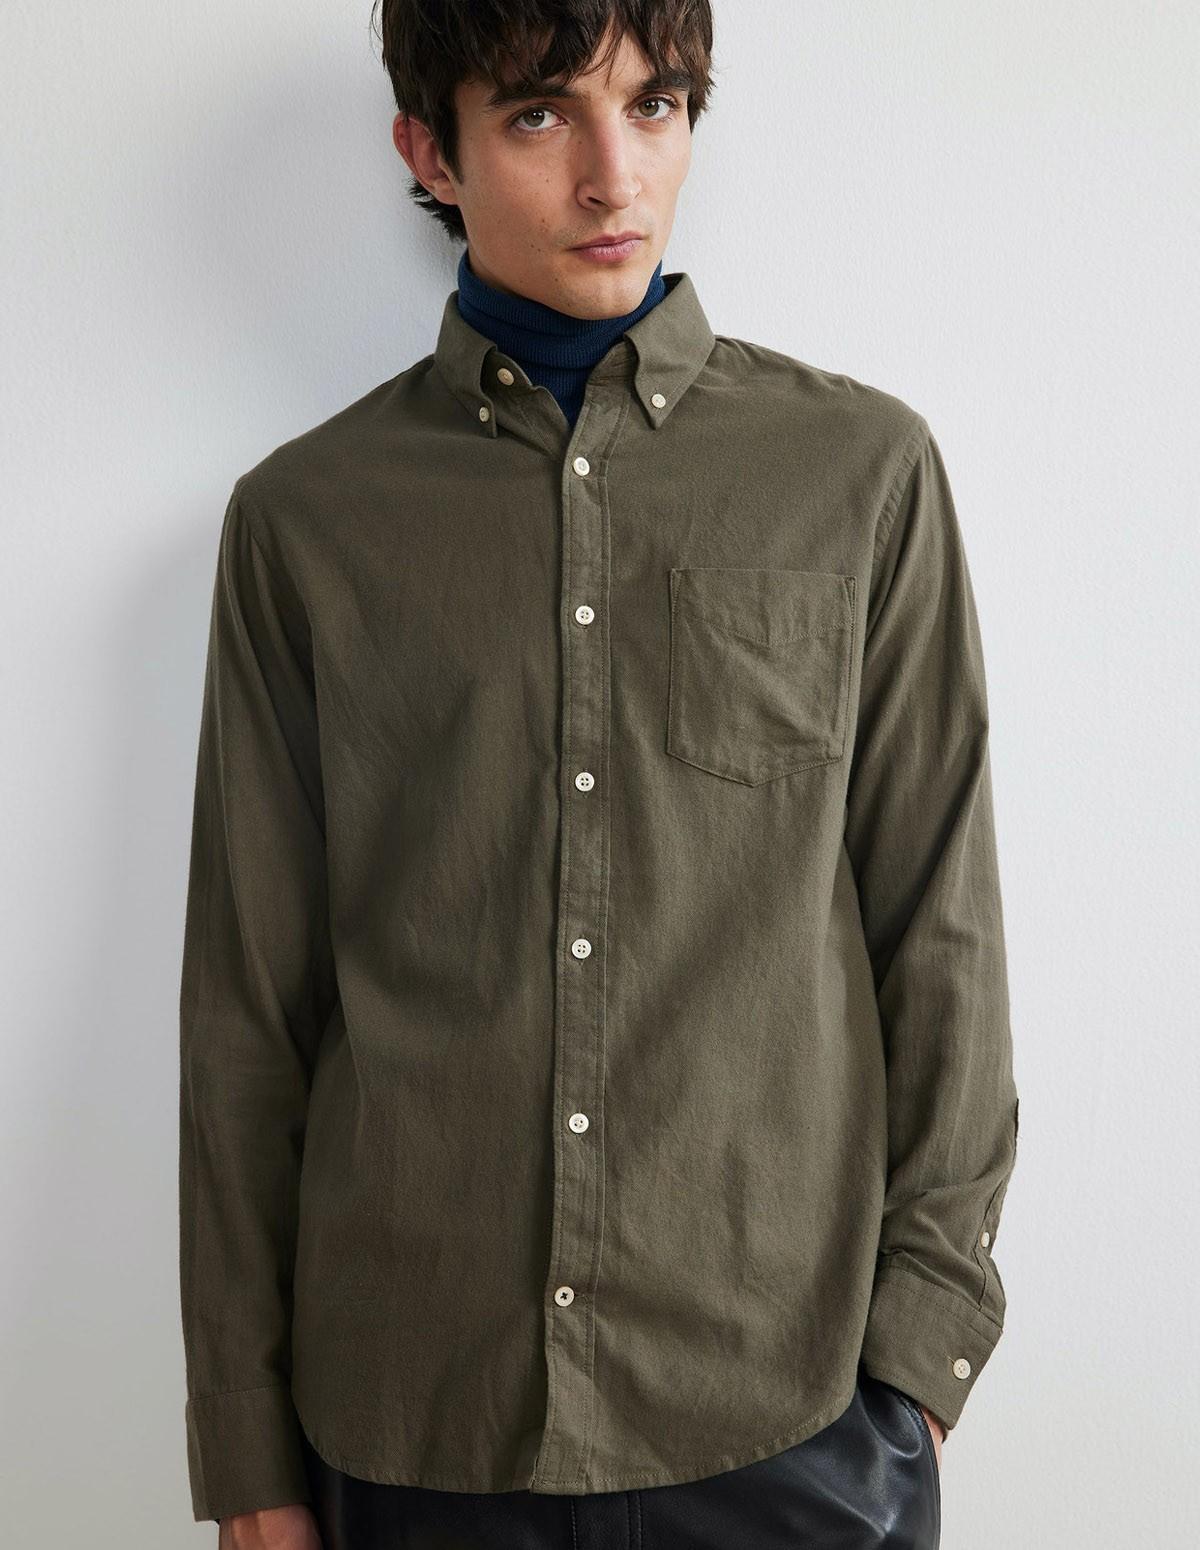 Nn07 Levon Shirt - 322 ARMY